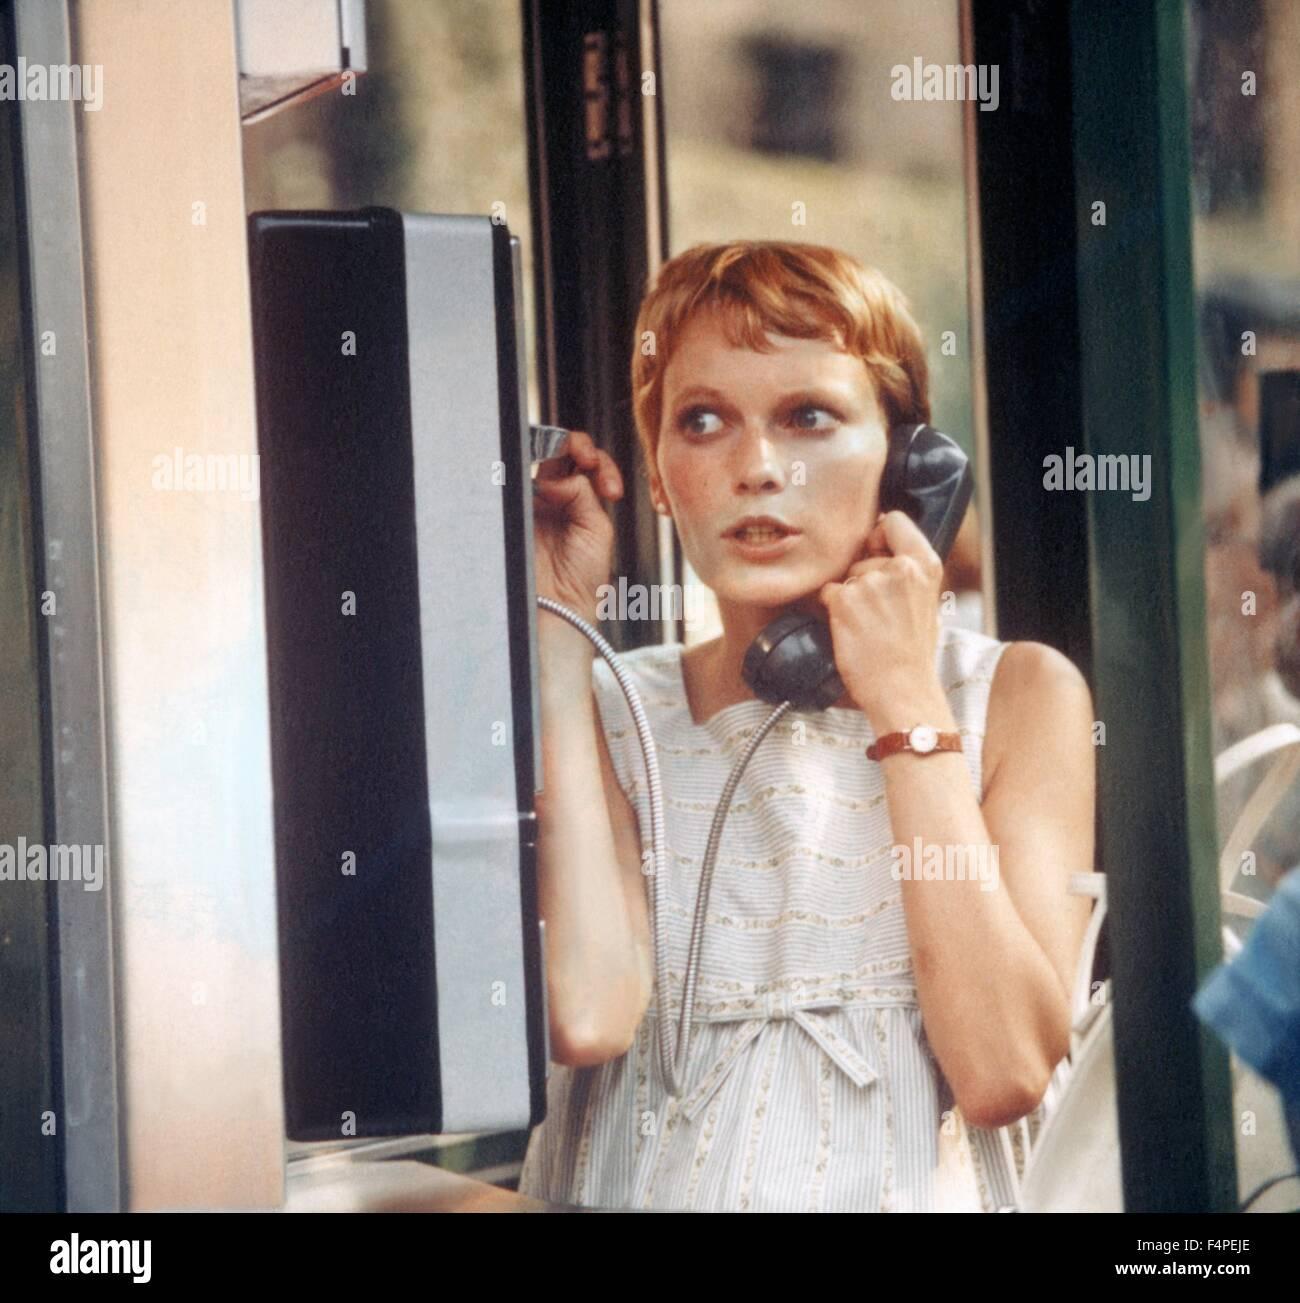 mia farrow actress 1968 stock photos amp mia farrow actress